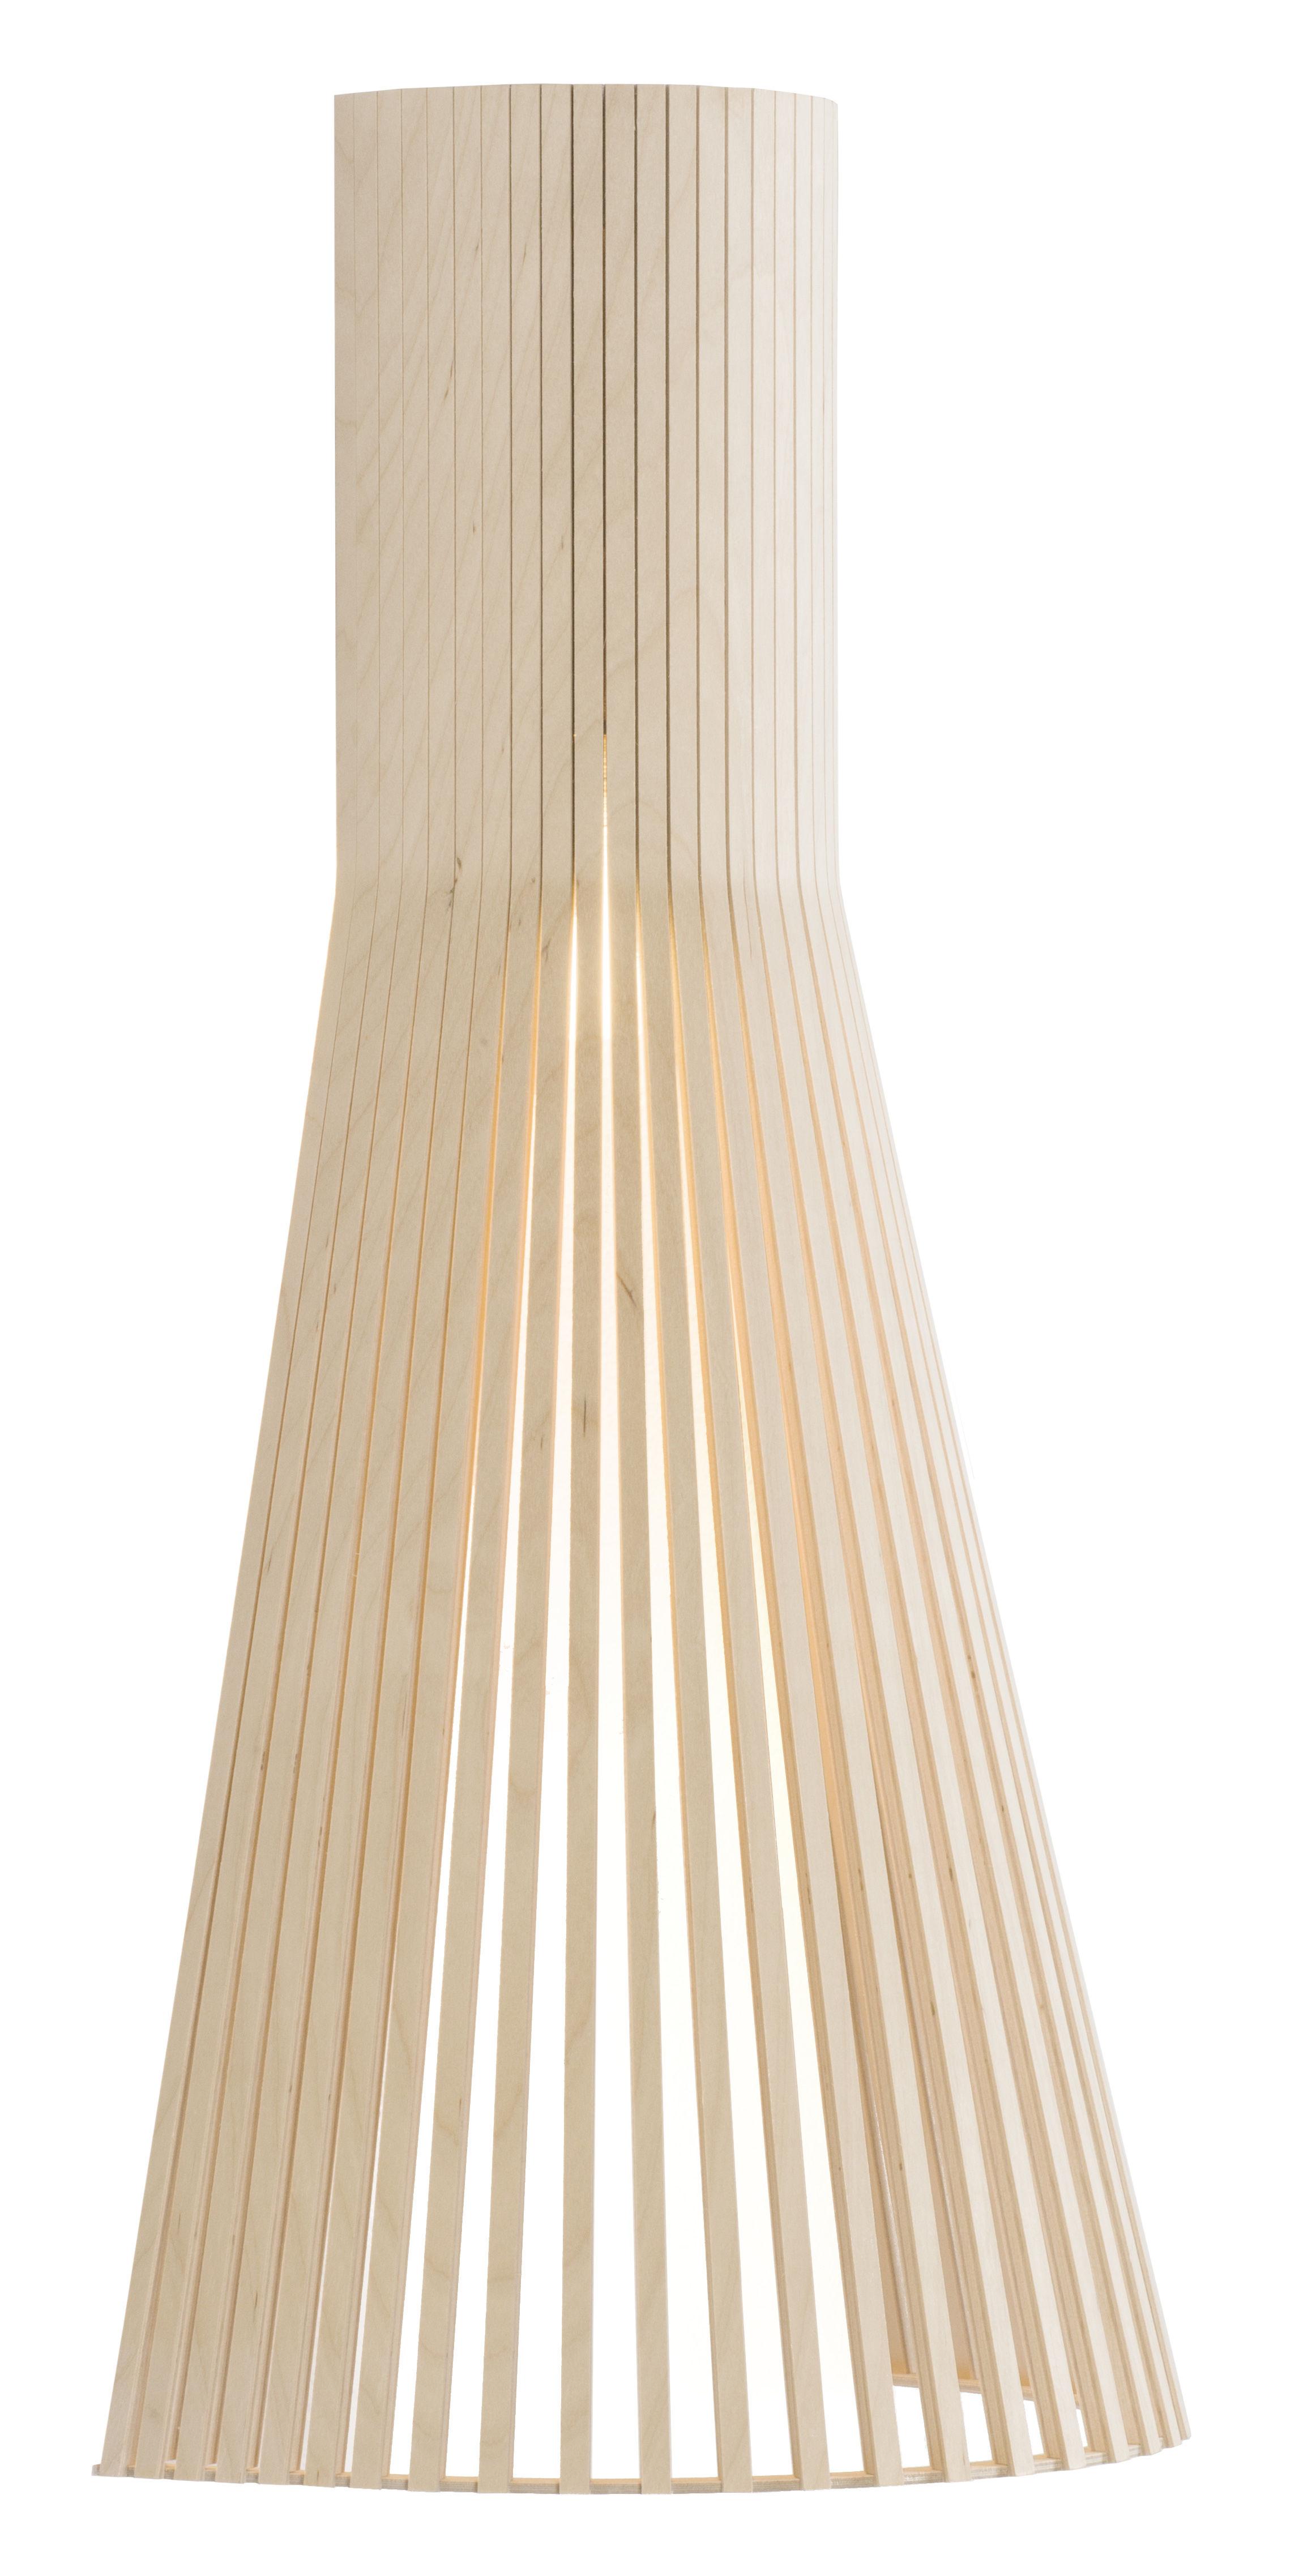 Luminaire - Appliques - Applique avec prise Secto L / H 60 cm - Secto Design - Bouleau naturel - Lattes de bouleau